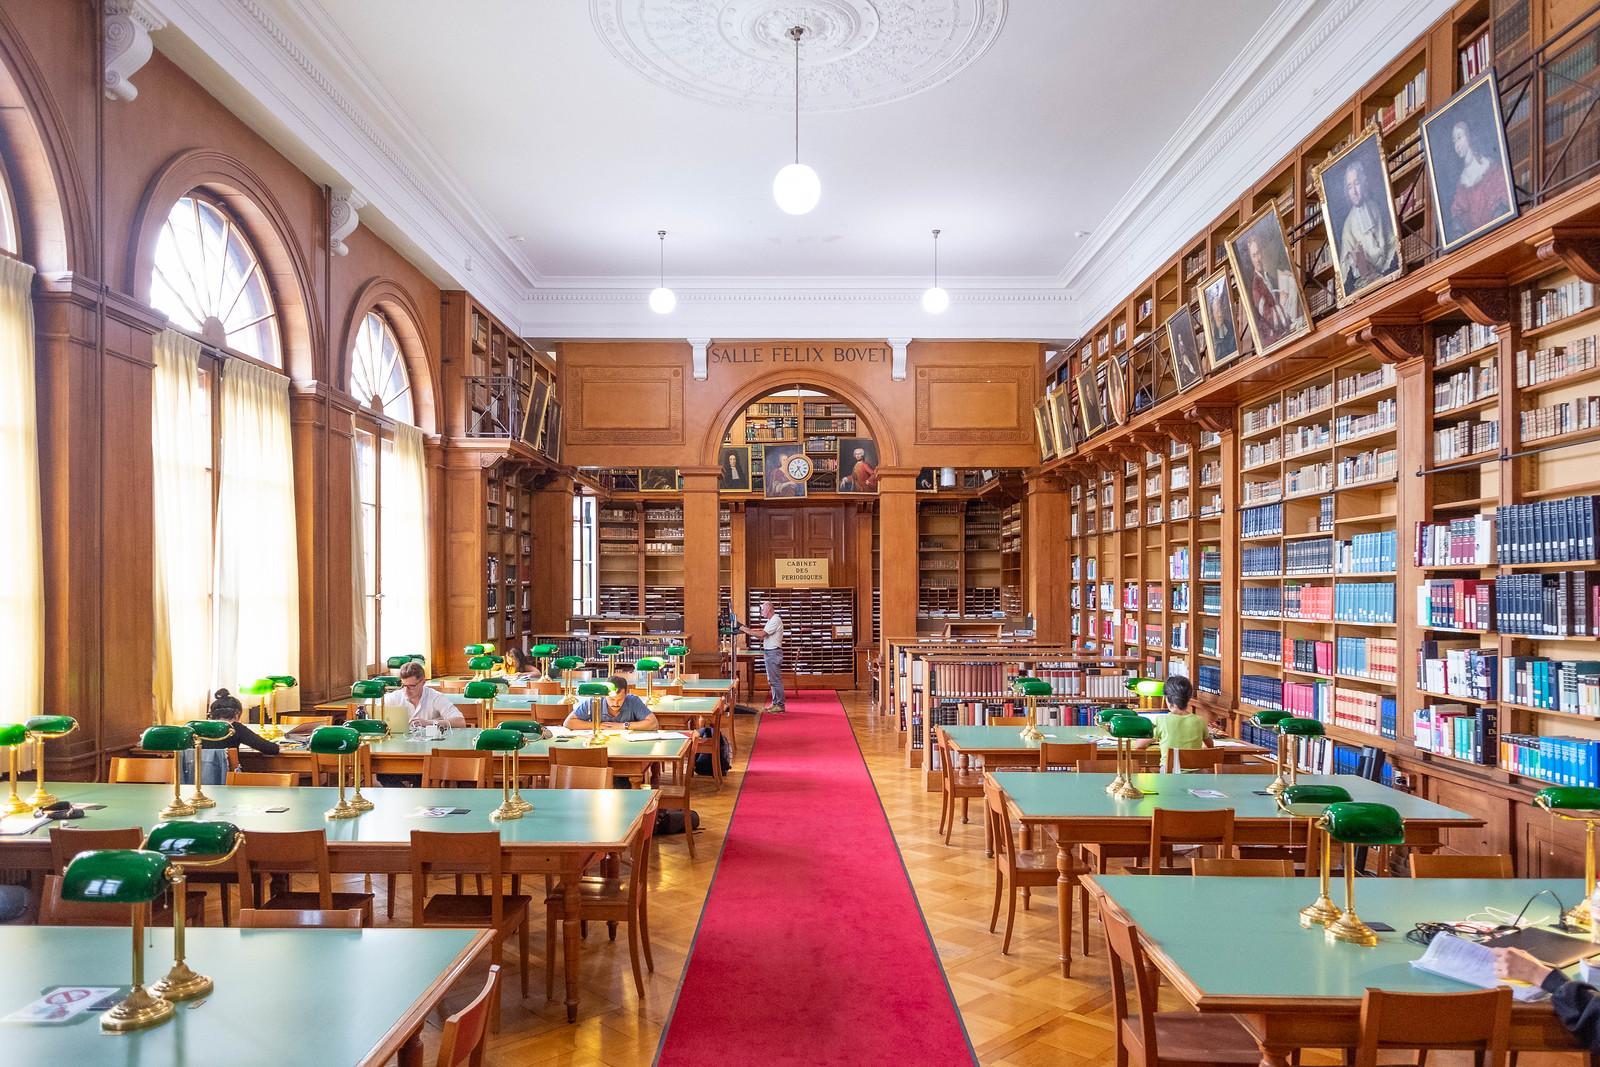 Bibliothèque Publique et Universitaire, Neuchâtel. Salle Félix Bovet